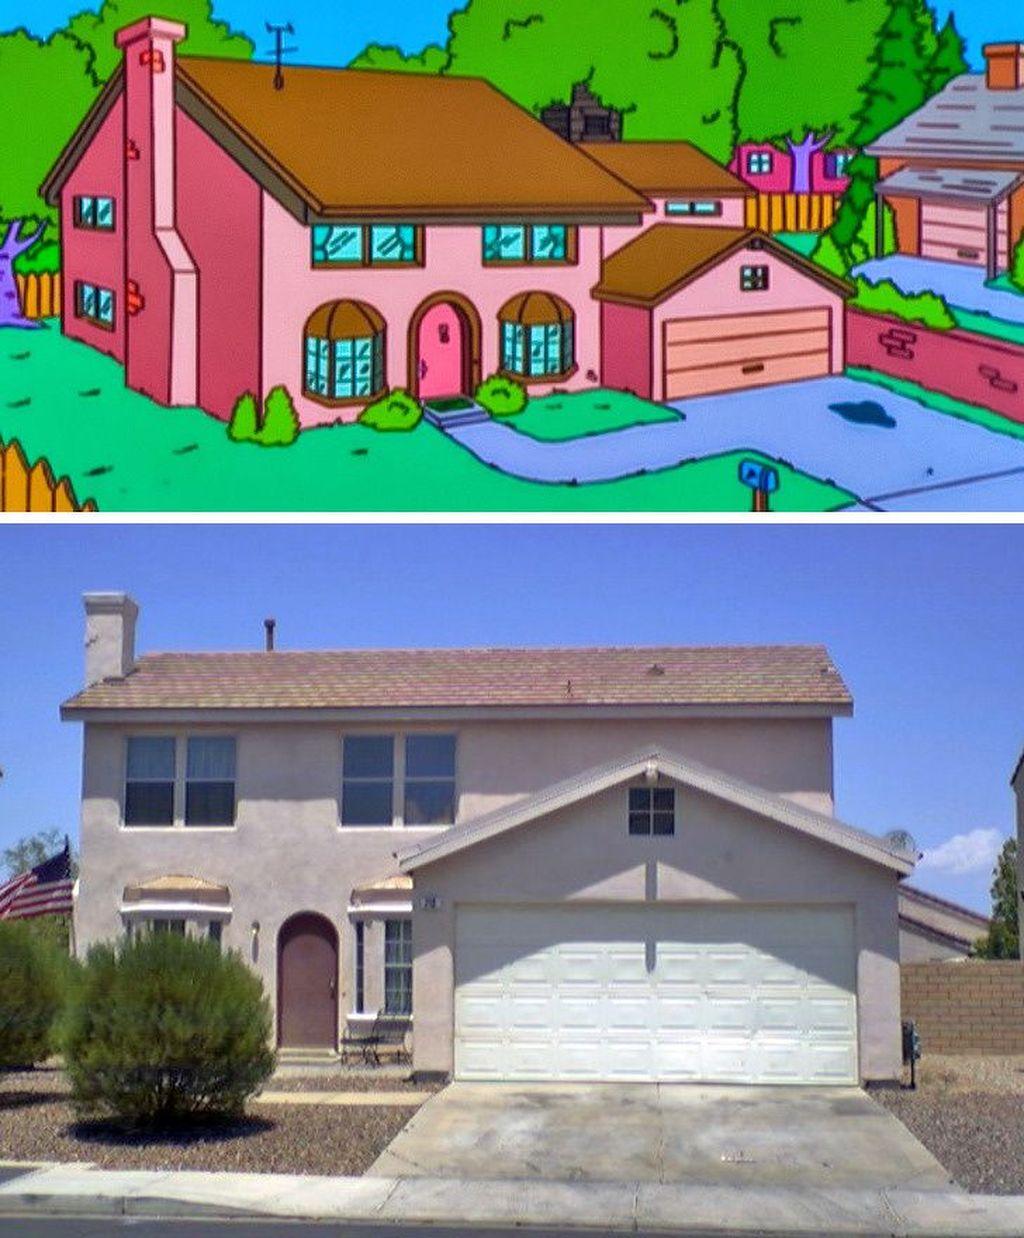 650+ Gambar Animasi Kerjasama Di Rumah HD Terbaik